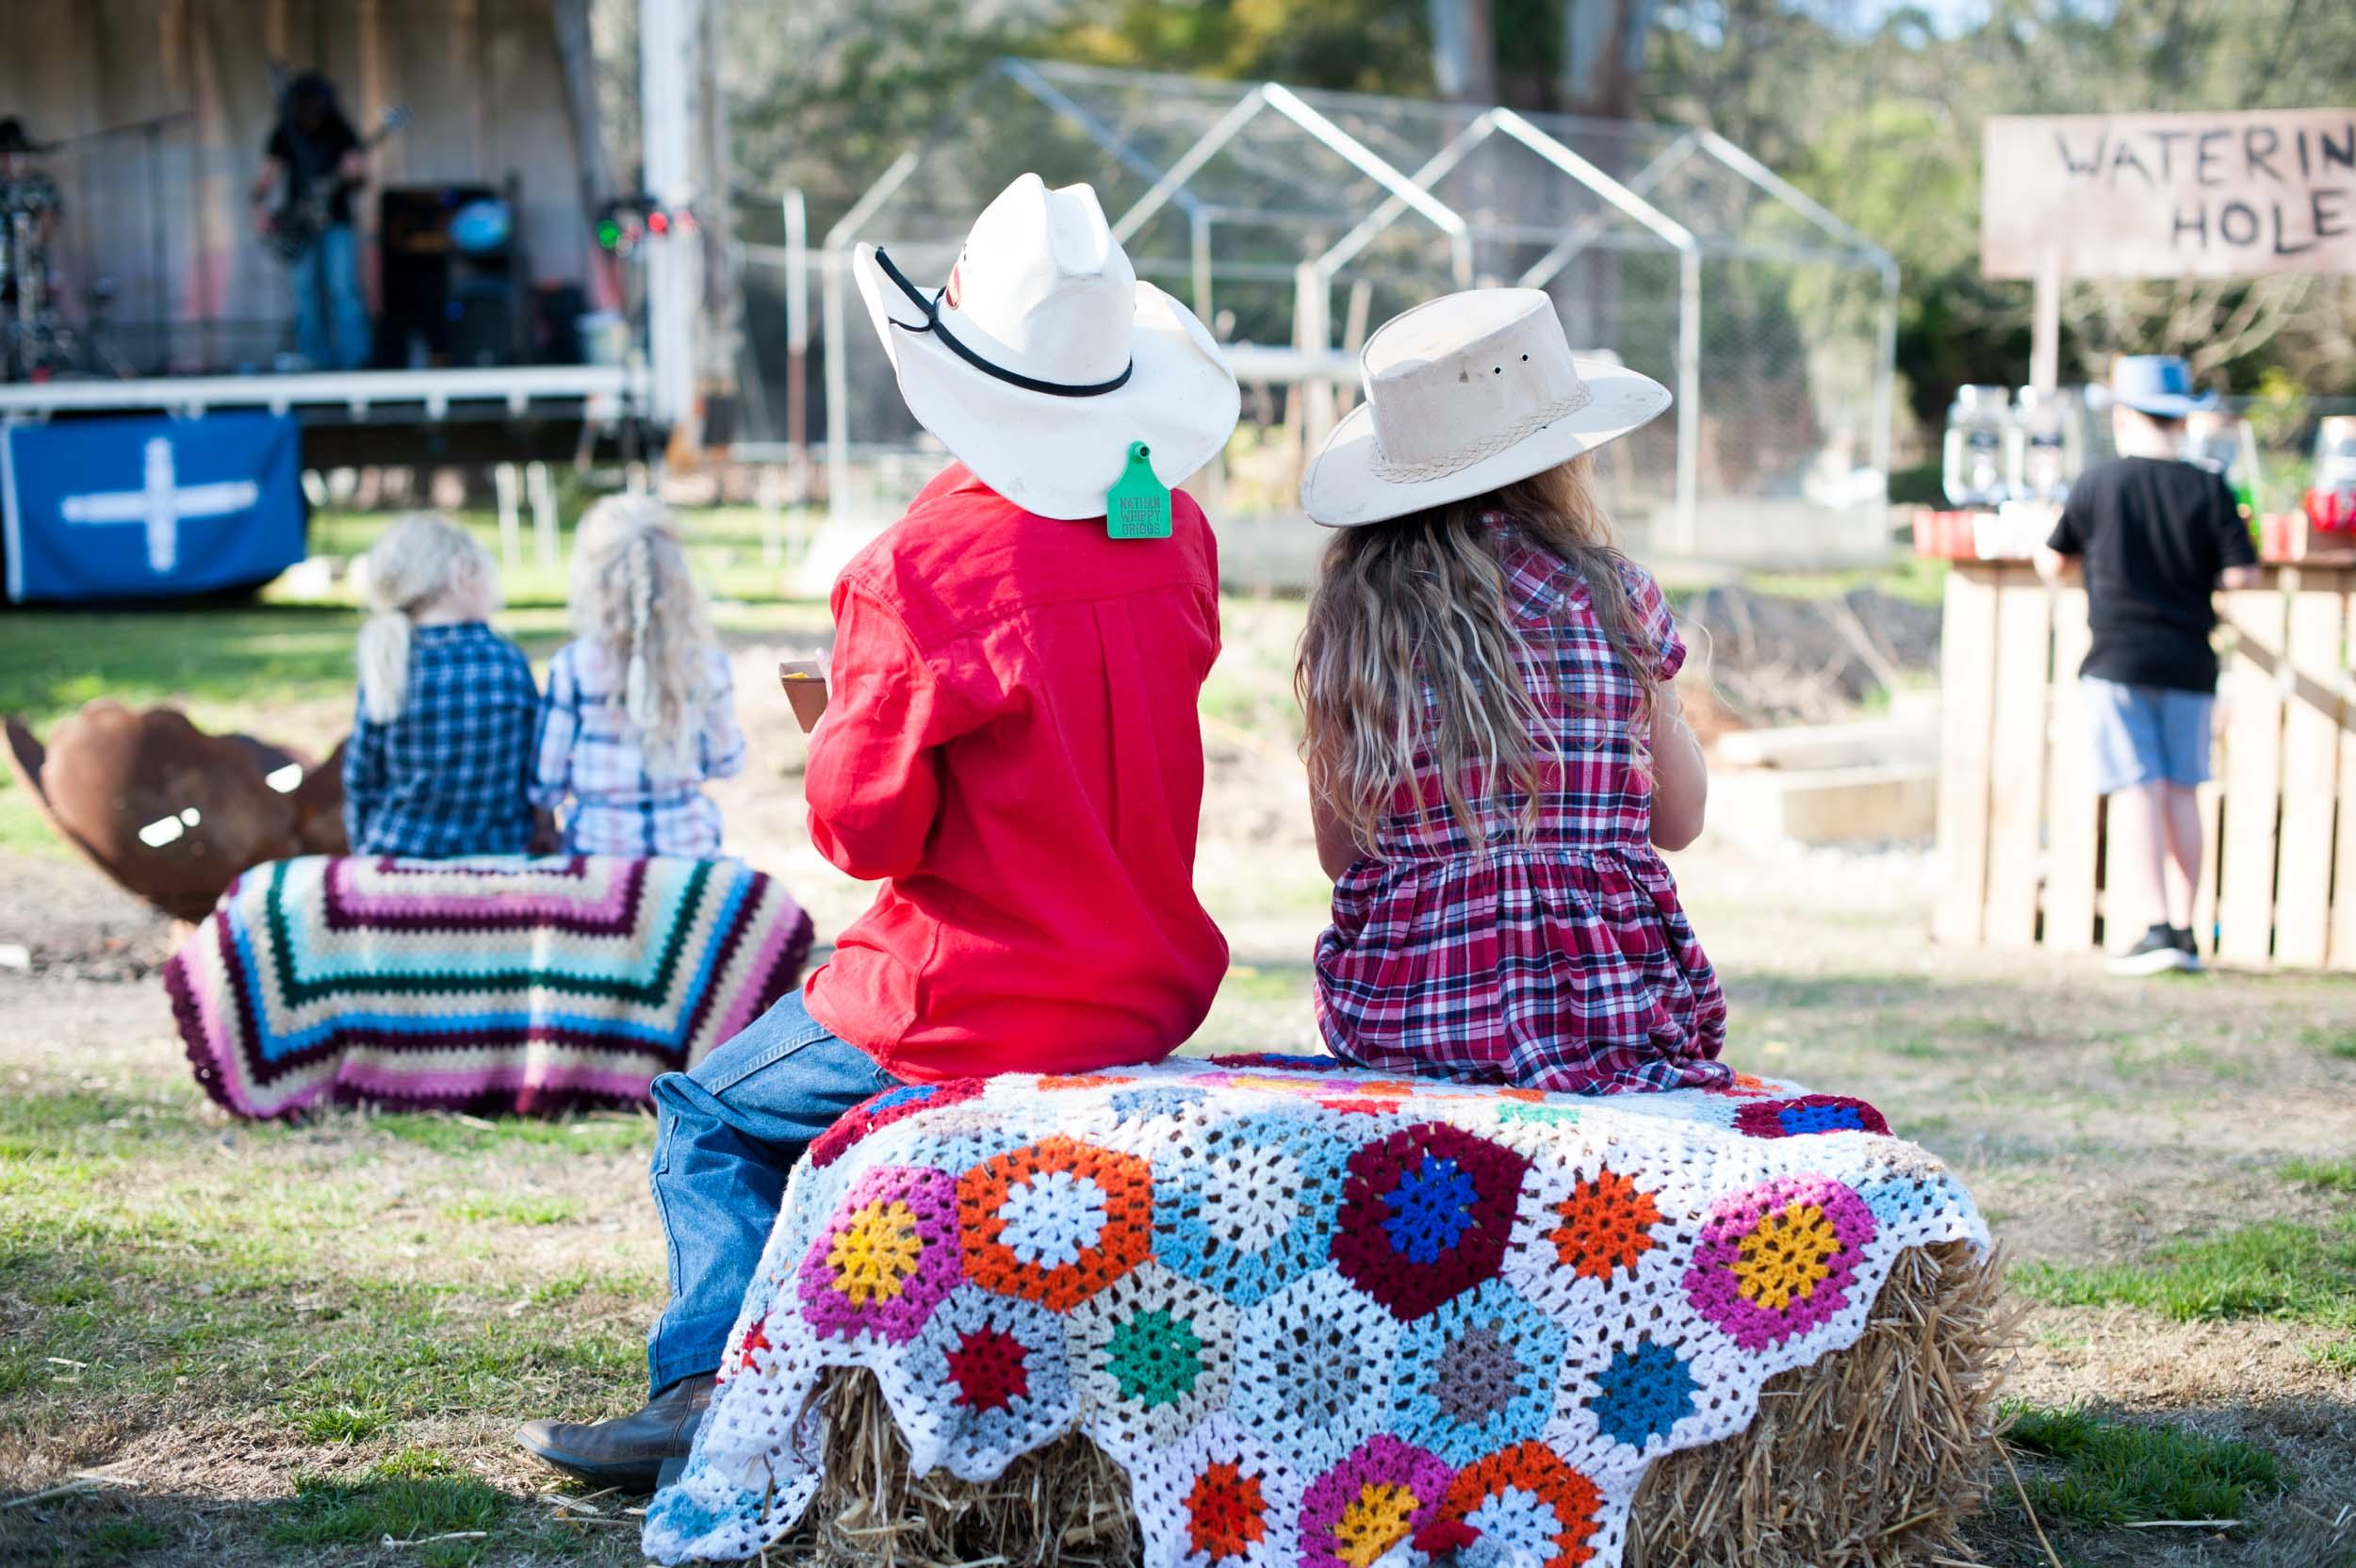 Haybales and cowboy hats